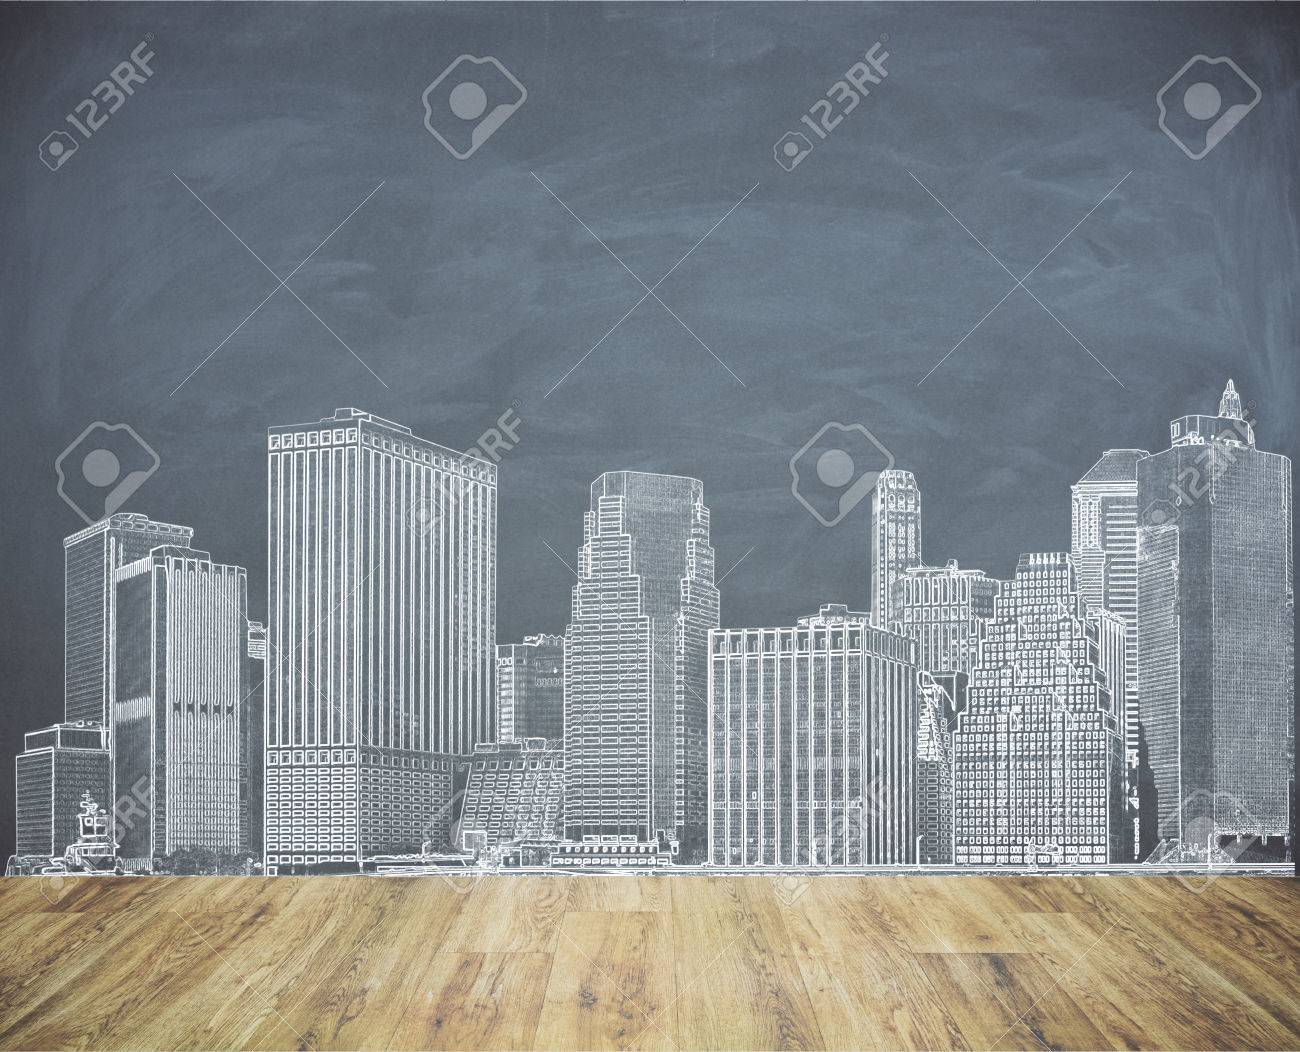 La Plinthe Du Mur croquis de ville créatif sur le mur de la planche. concept d'urbanisation